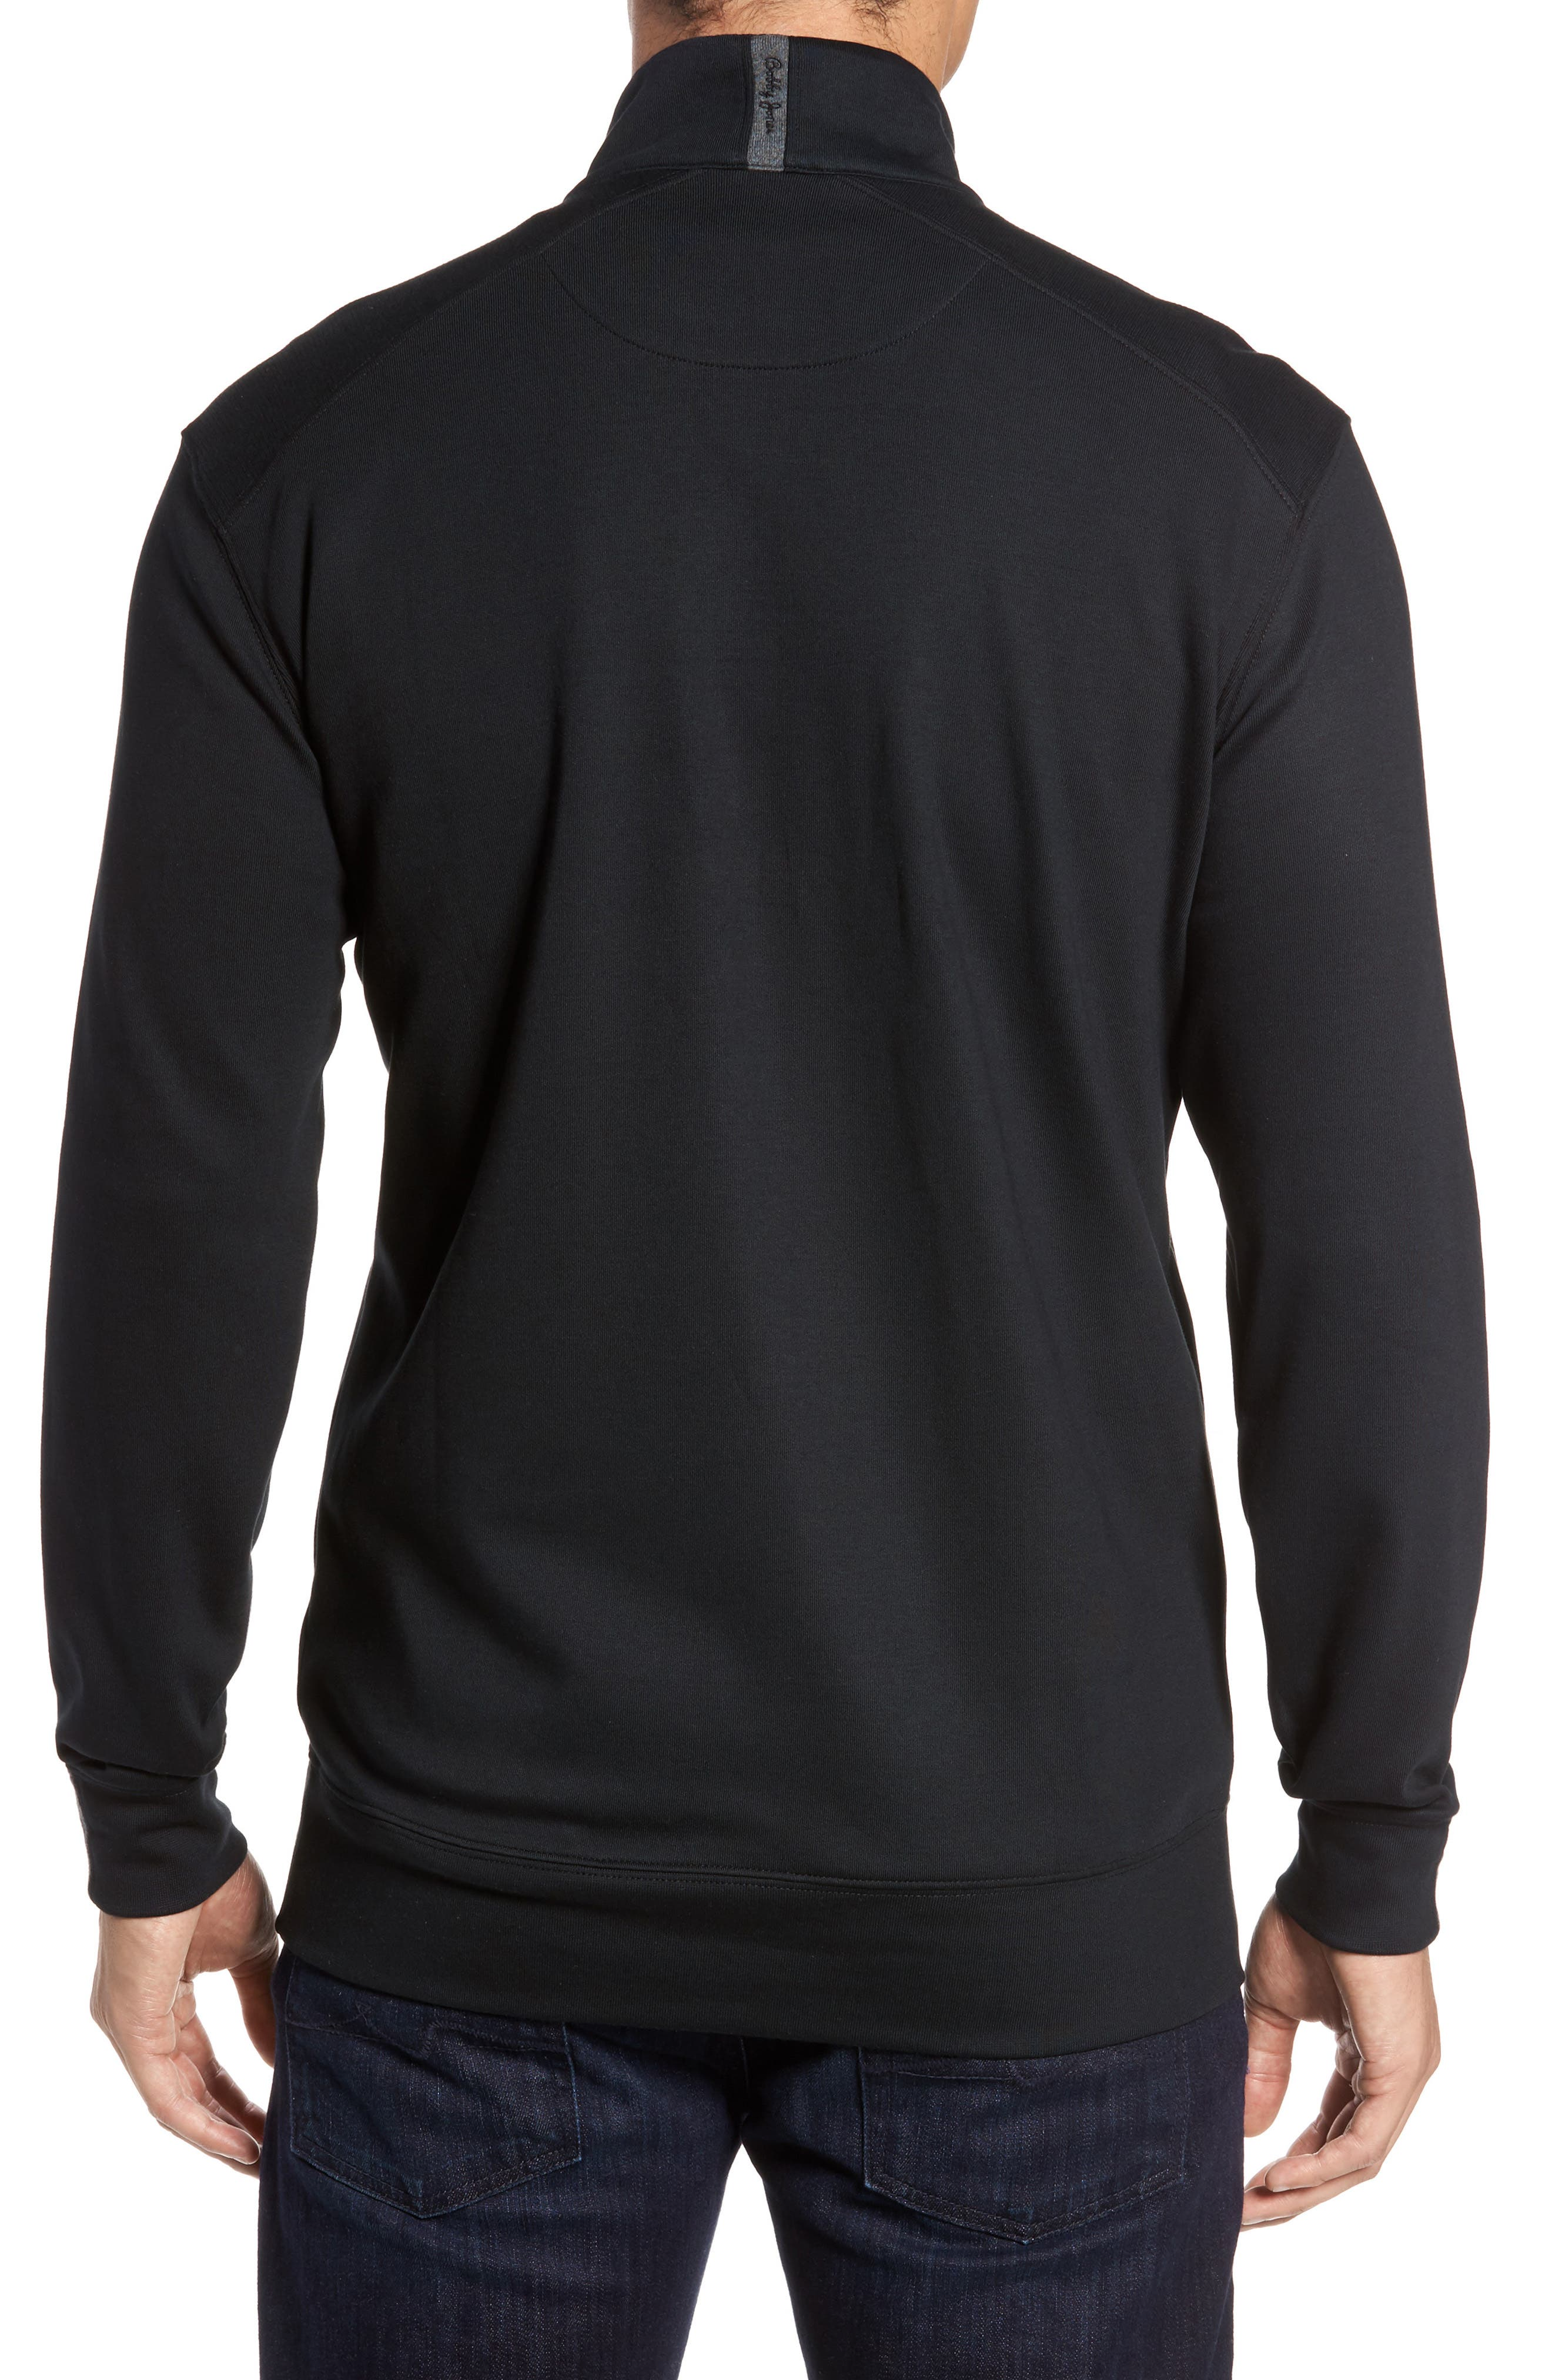 BOBBY JONES, 'New Leaderboard' Quarter Zip Pullover, Alternate thumbnail 2, color, BLACK